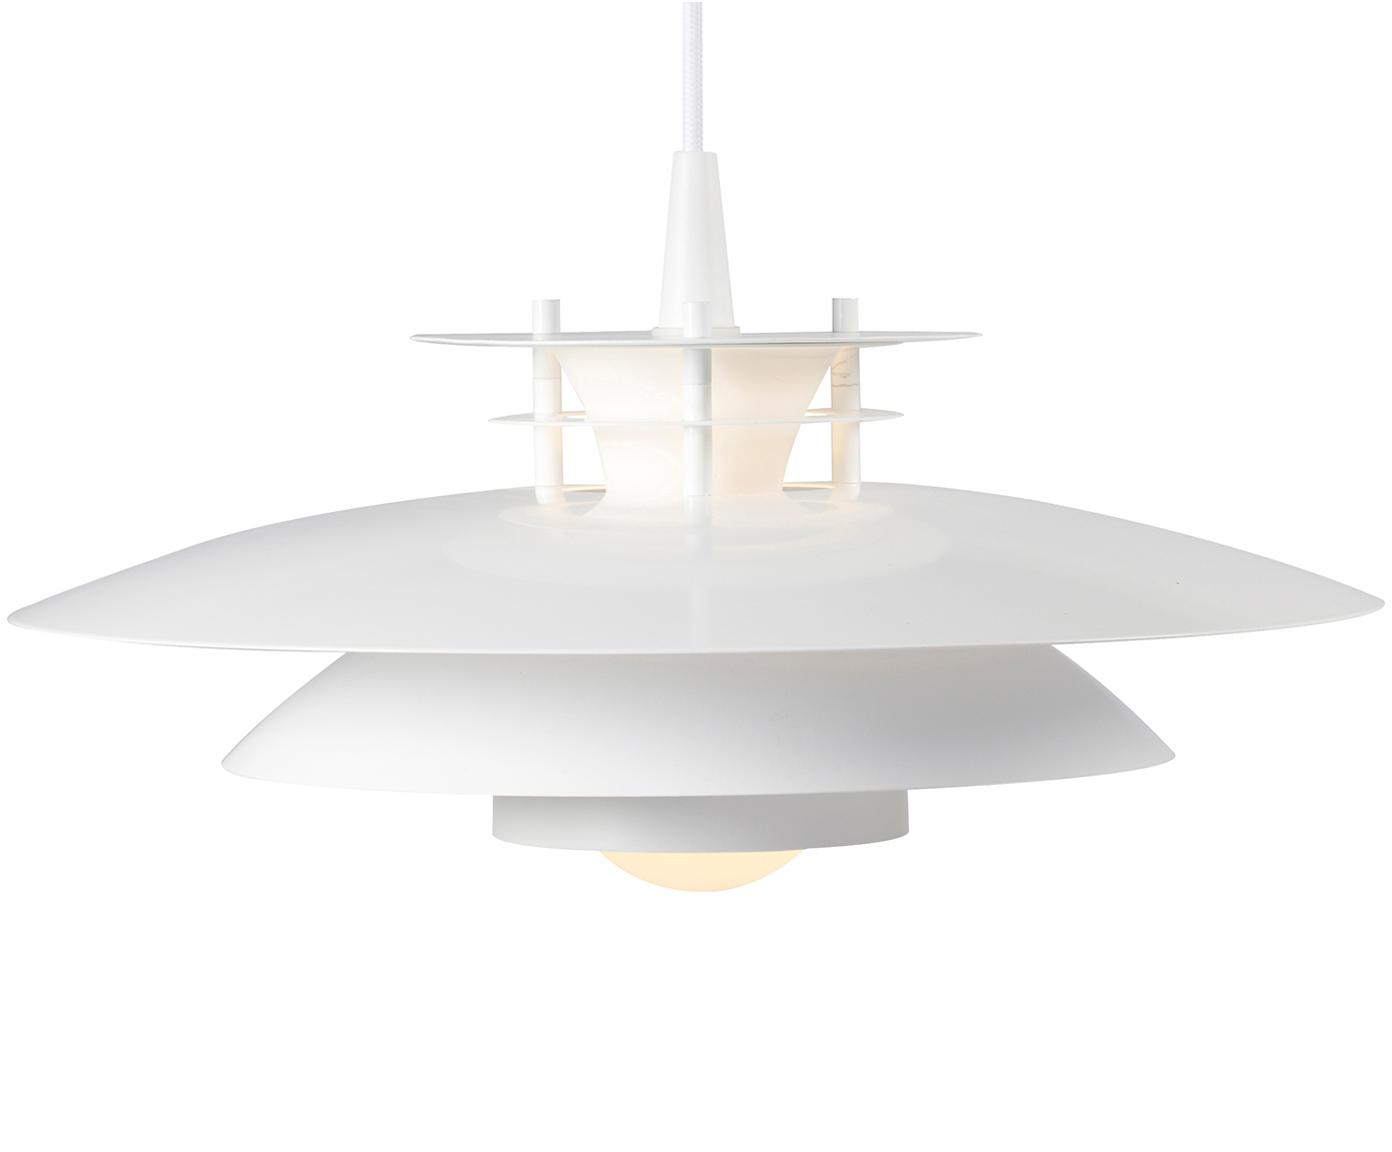 Lampada a sospensione Ledi, Paralume: metallo rivestito, Bianco, Ø 40 x Alt. 23 cm